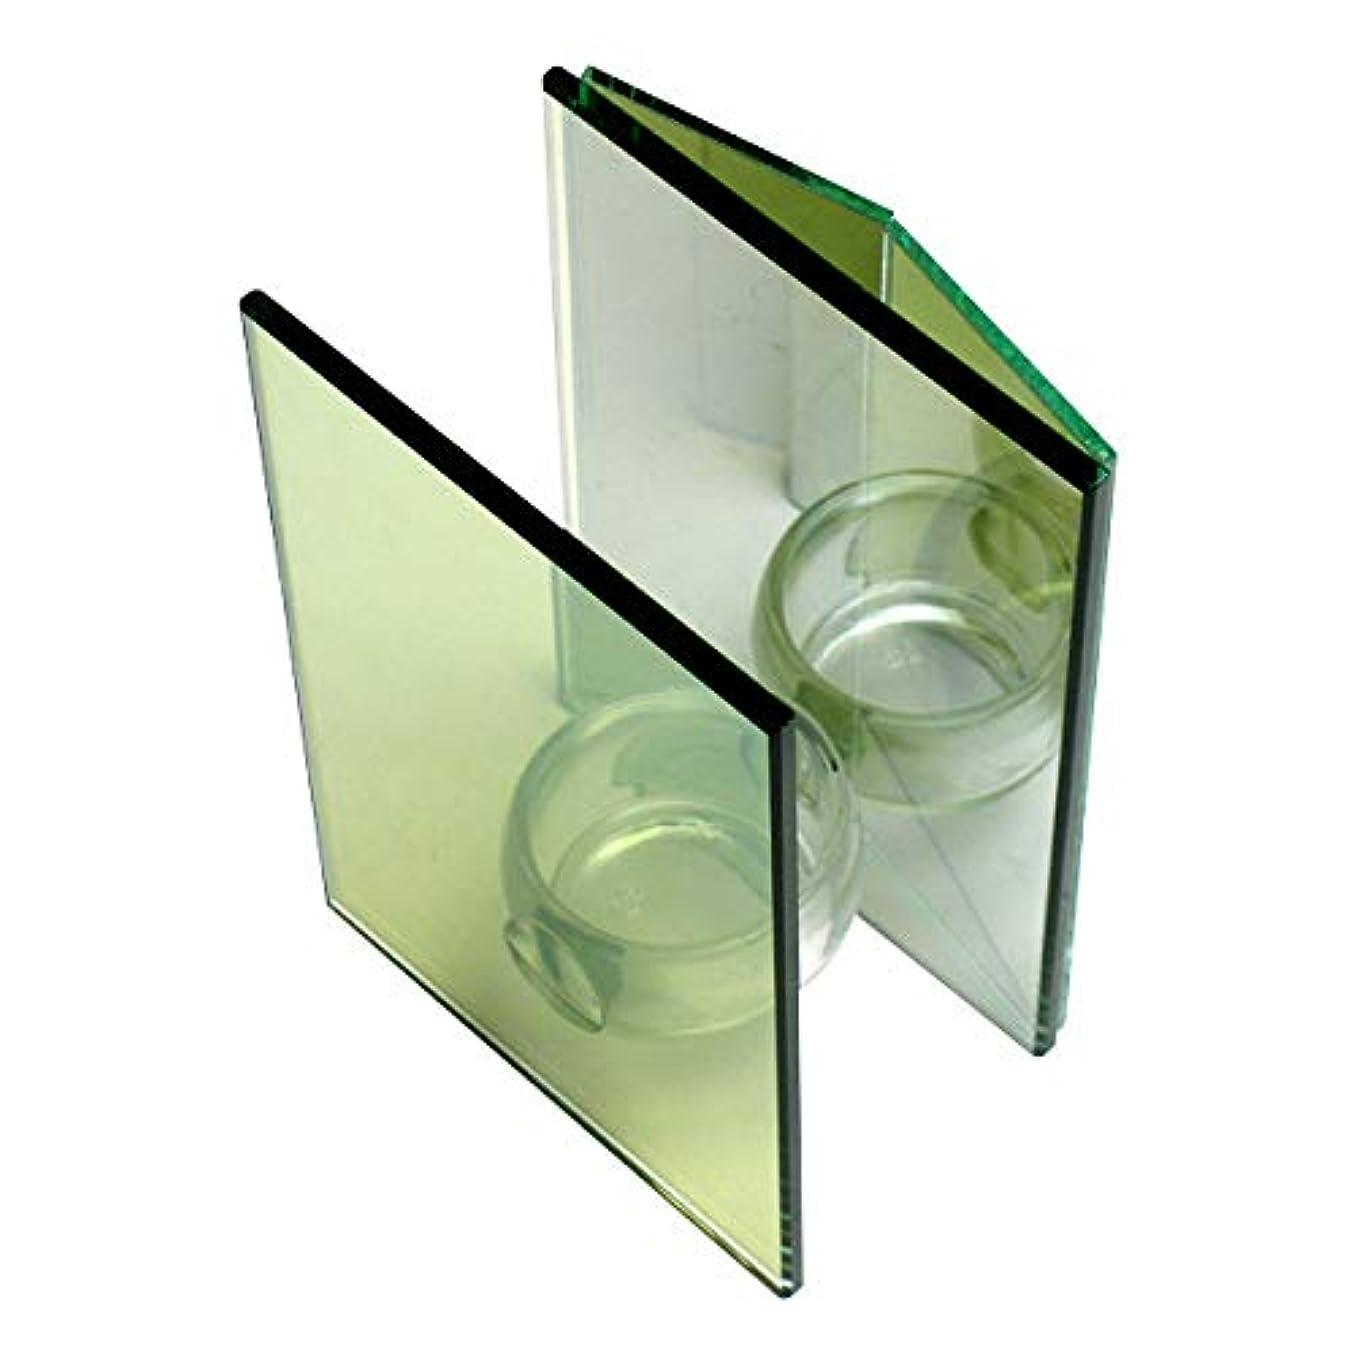 アコード典型的な購入無限連鎖キャンドルホルダー ダブルミラー ガラス キャンドルスタンド ランタン 誕生日 ティーライトキャンドル